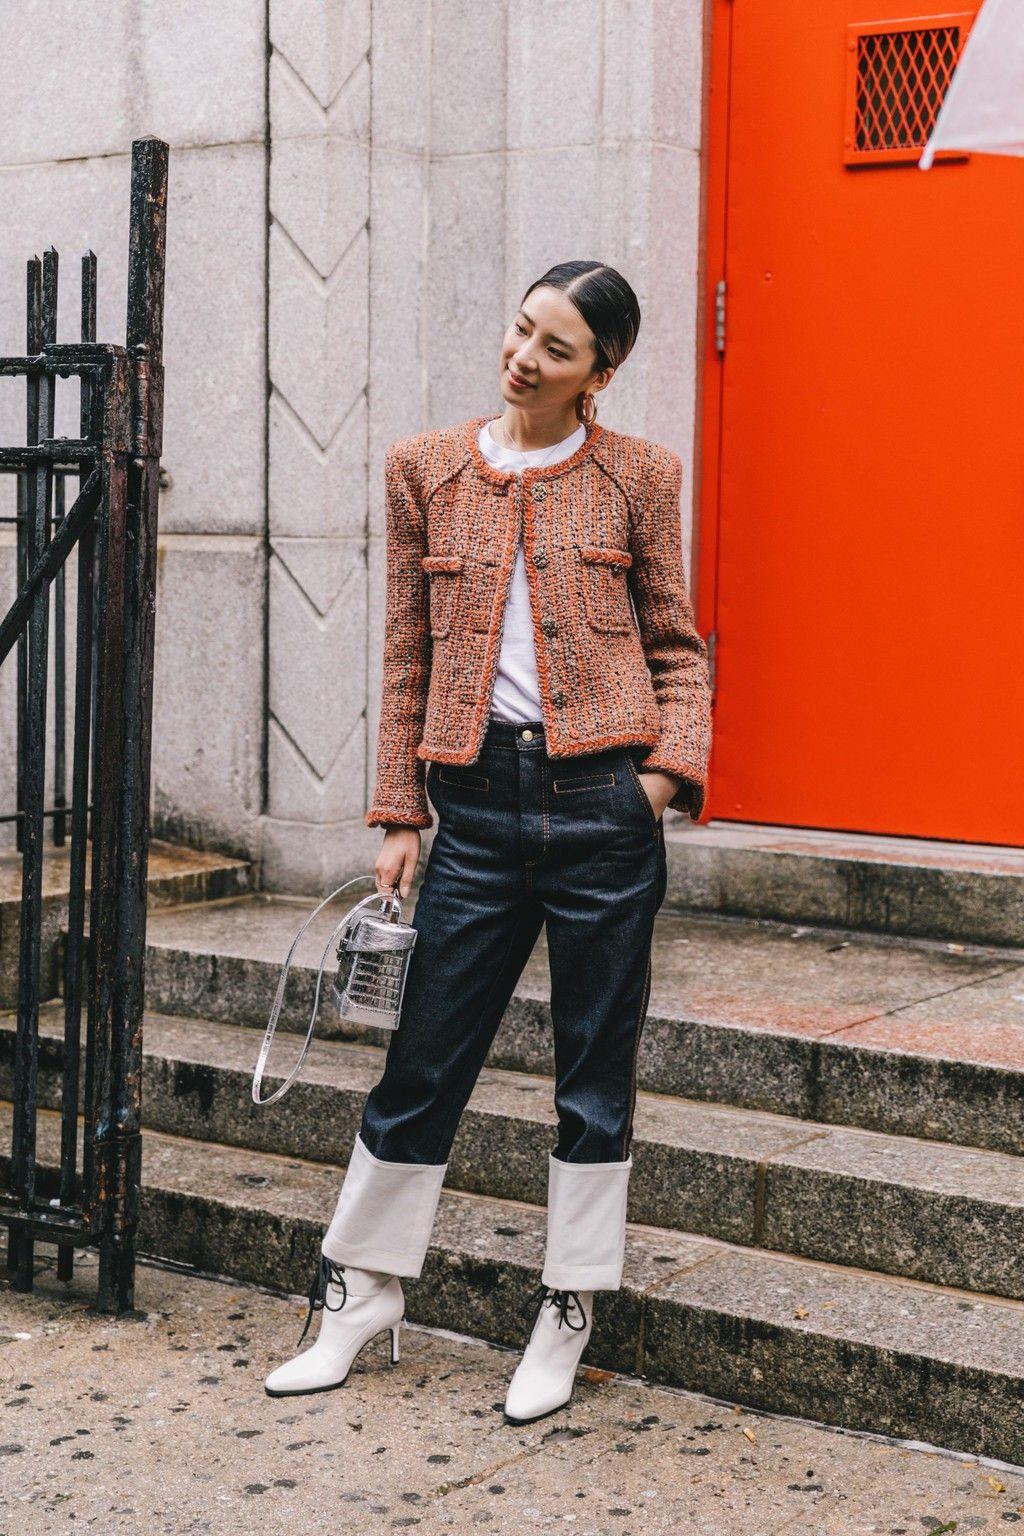 Cuatro Formas De Llevar Botines Con Cordones Si Quieres Presumir De Estilo Y No Te Van Las Dr Martens Semana De La Moda Moda Nueva York Estilo De Calle